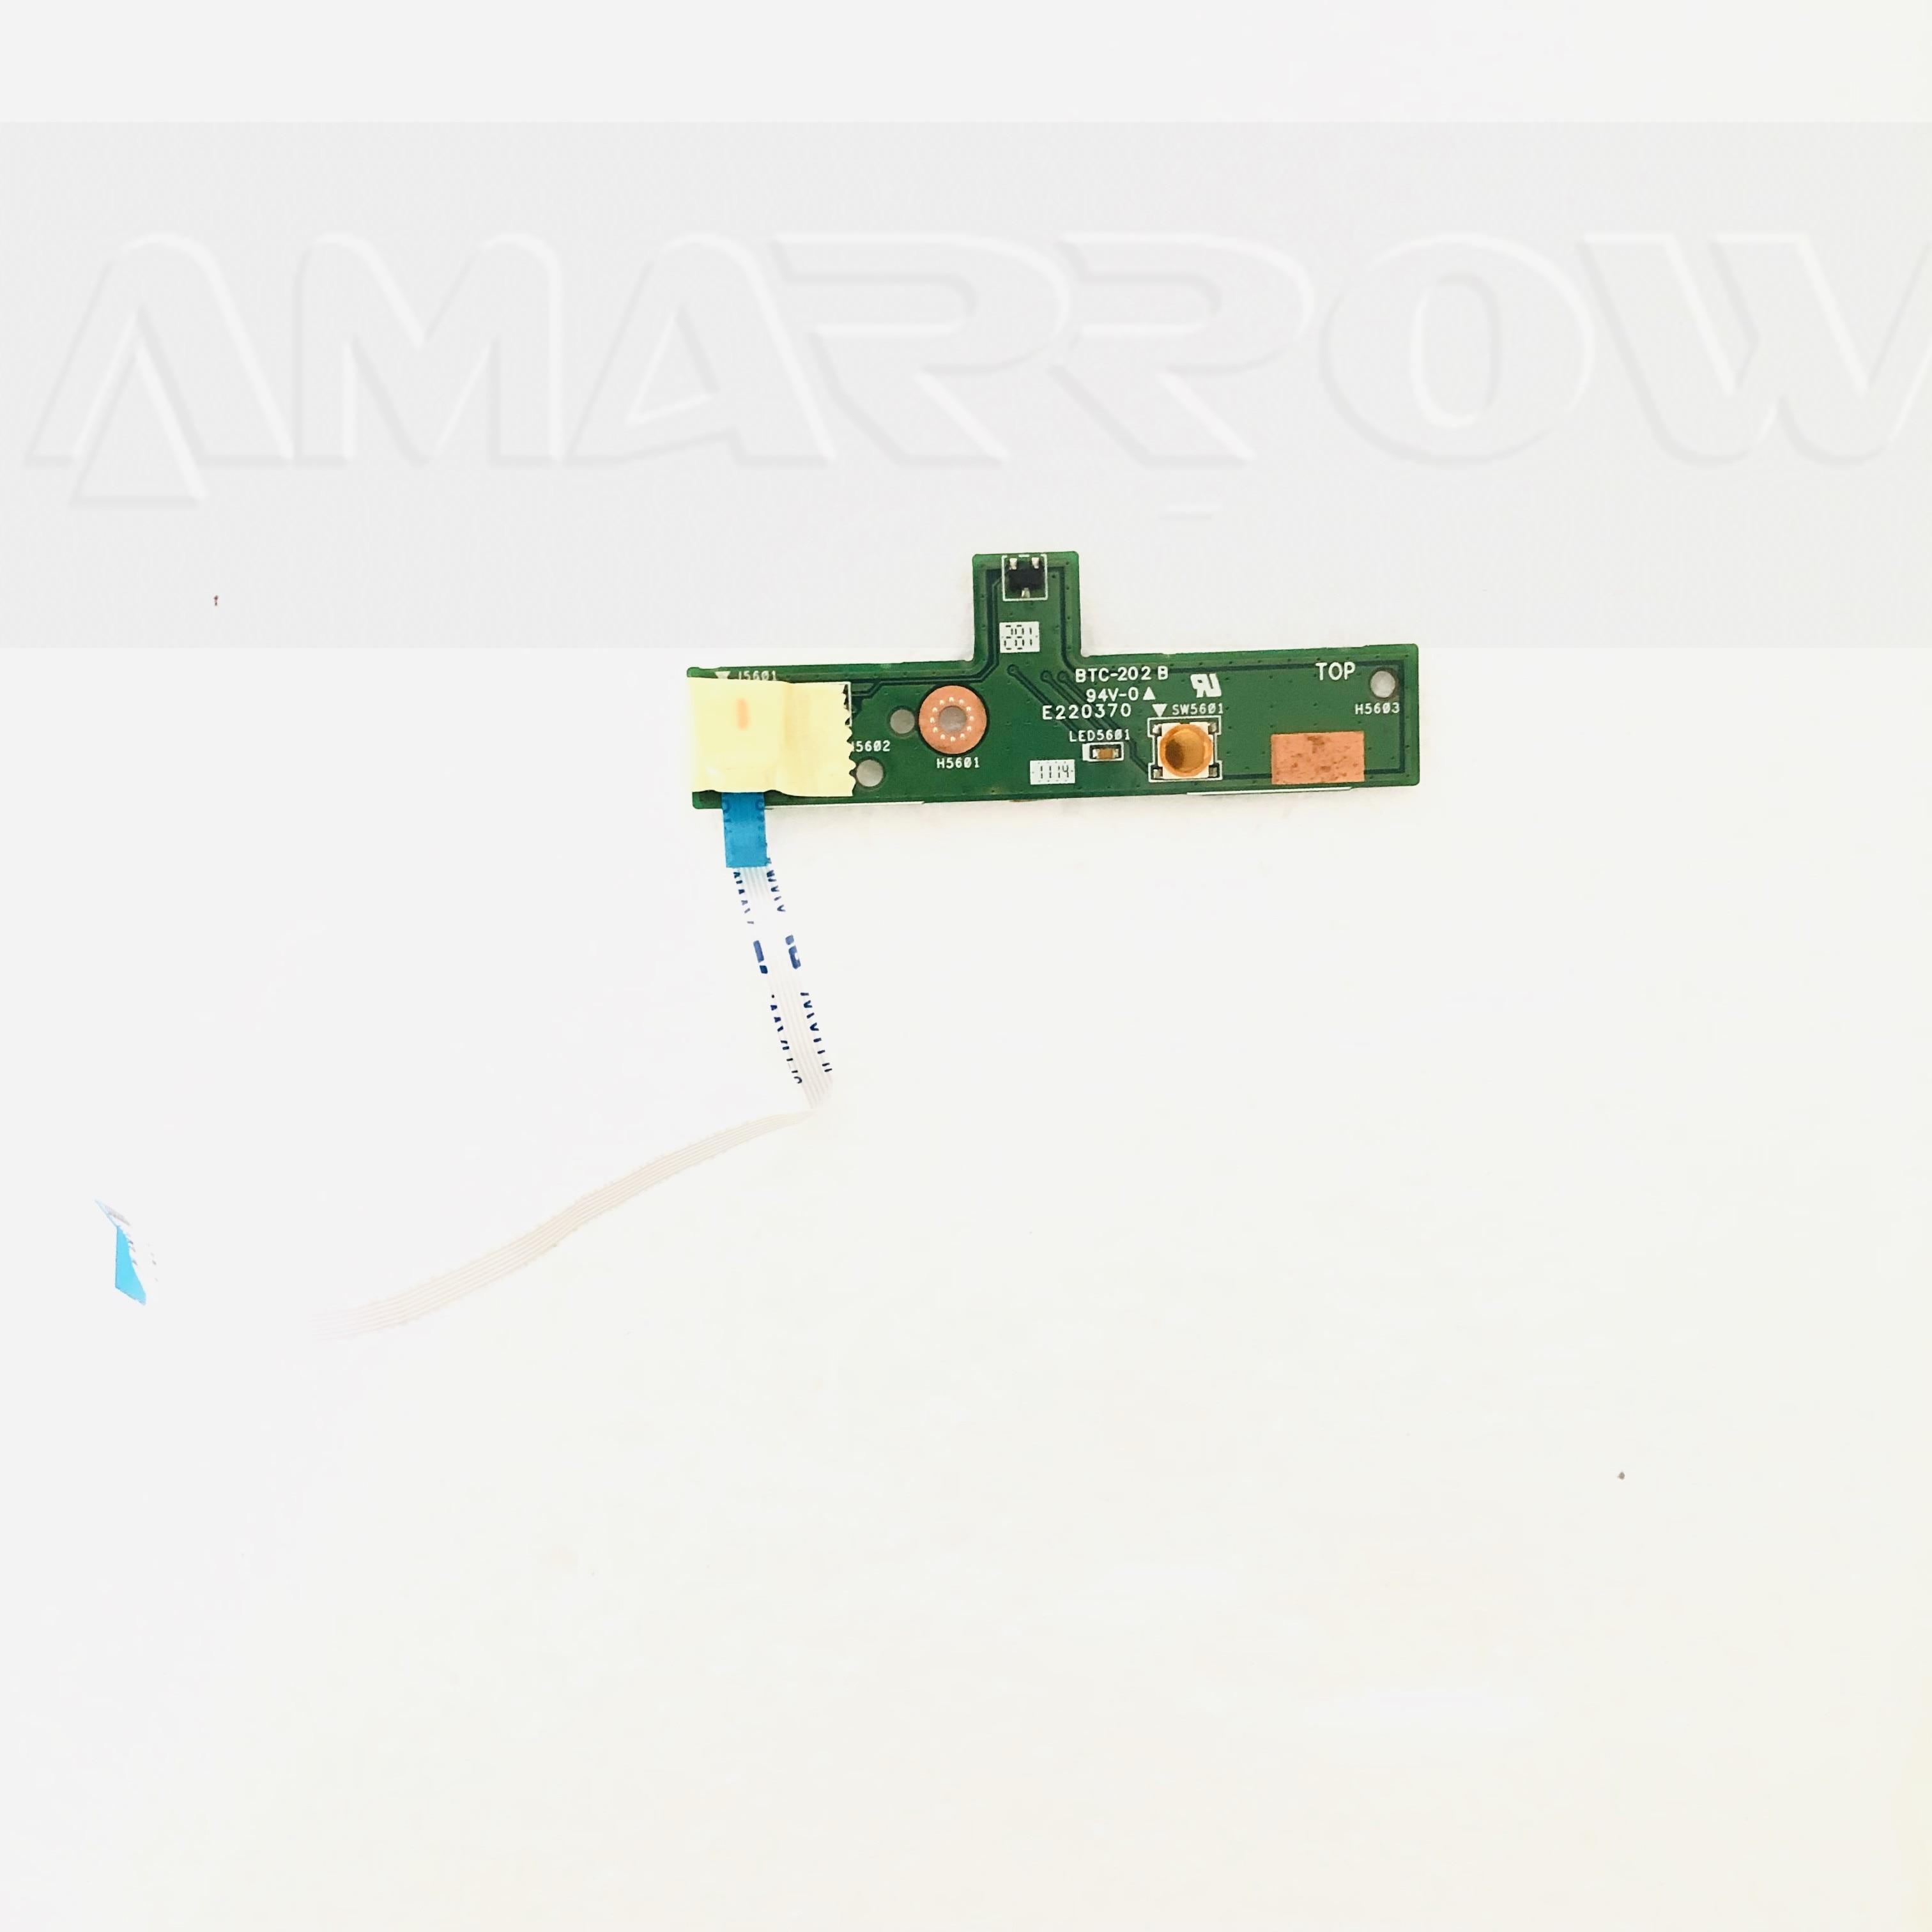 Original For Asus K53Sv A53S X53S K53S K53E K53SD K53SJ Power Button Board Switch Board